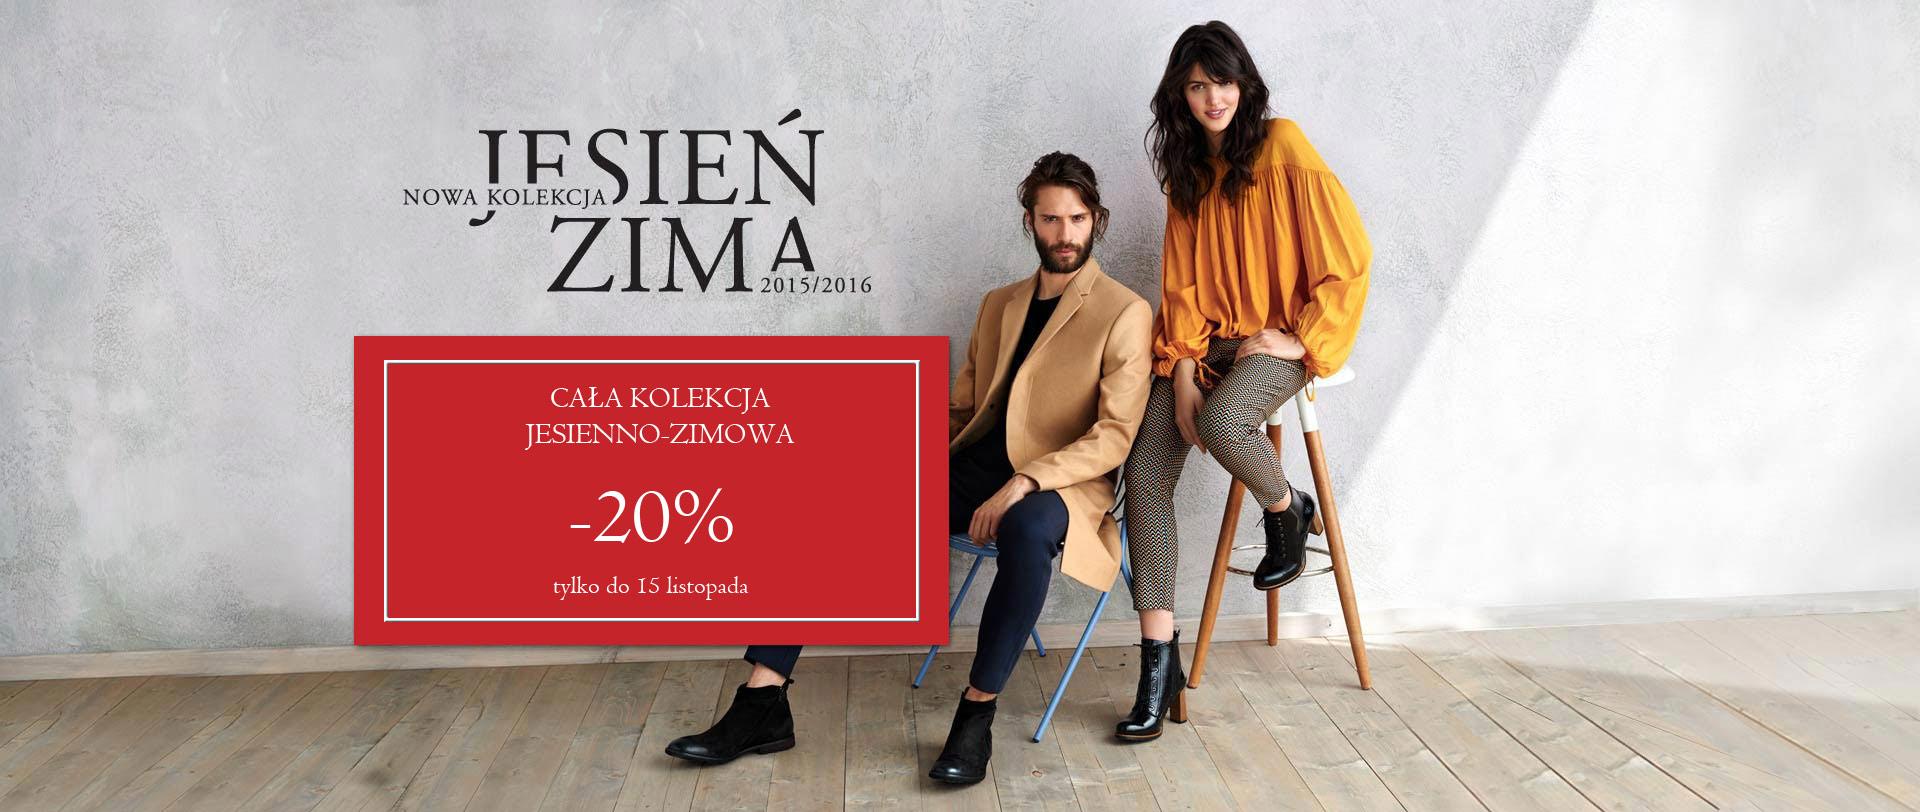 20% zniżki na nową kolekcję @ Badura